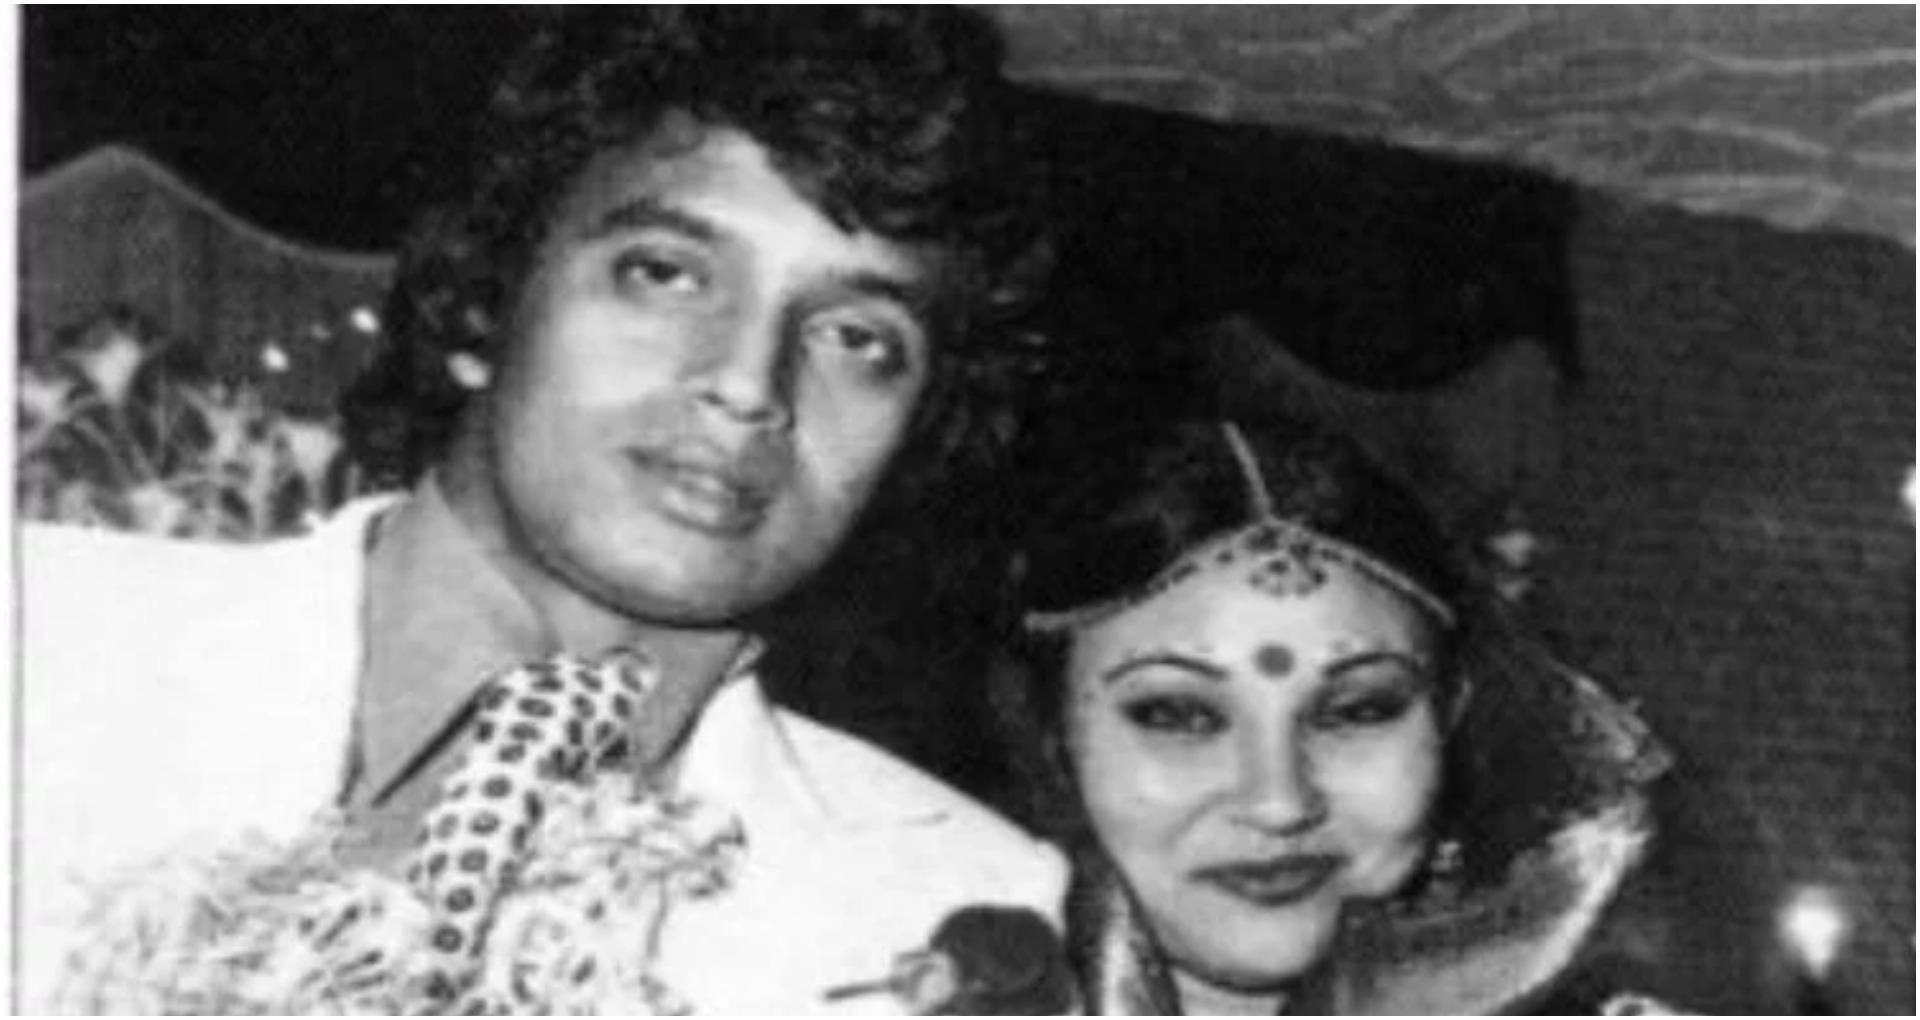 मिथुन चक्रवर्ती की पहली पत्नी थी बेहद खूबसूरत लेकिन हो गया था उनका दर्दनाक हाल, पढ़ें अभिनेता की कहानी